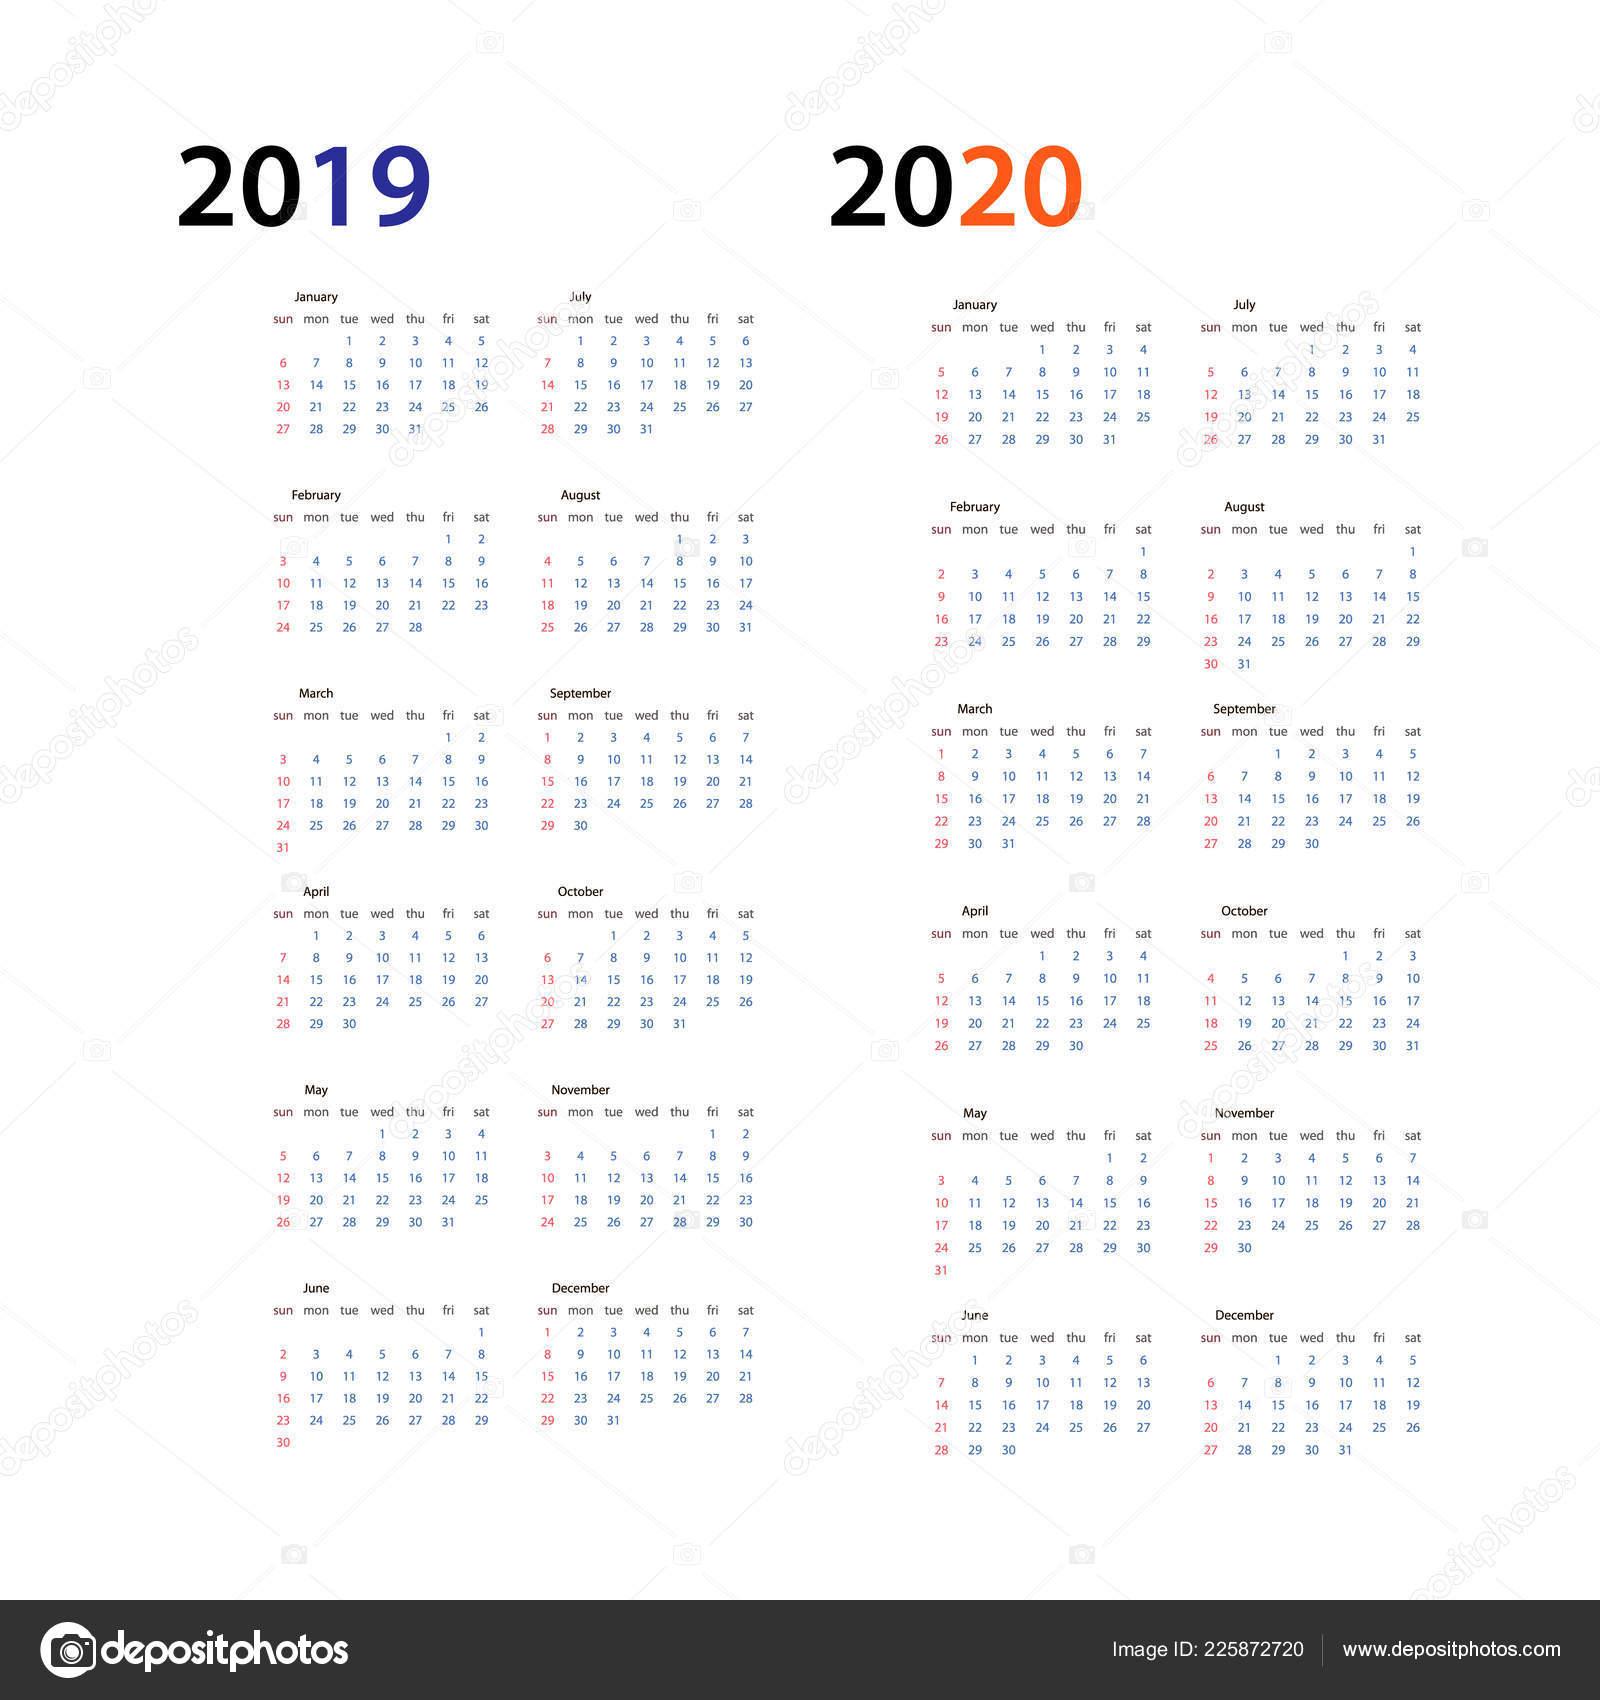 Calendario 2020 Orizzontale.Anno 2019 E 2020 Anno Calendario Orizzontale Vettore Modello